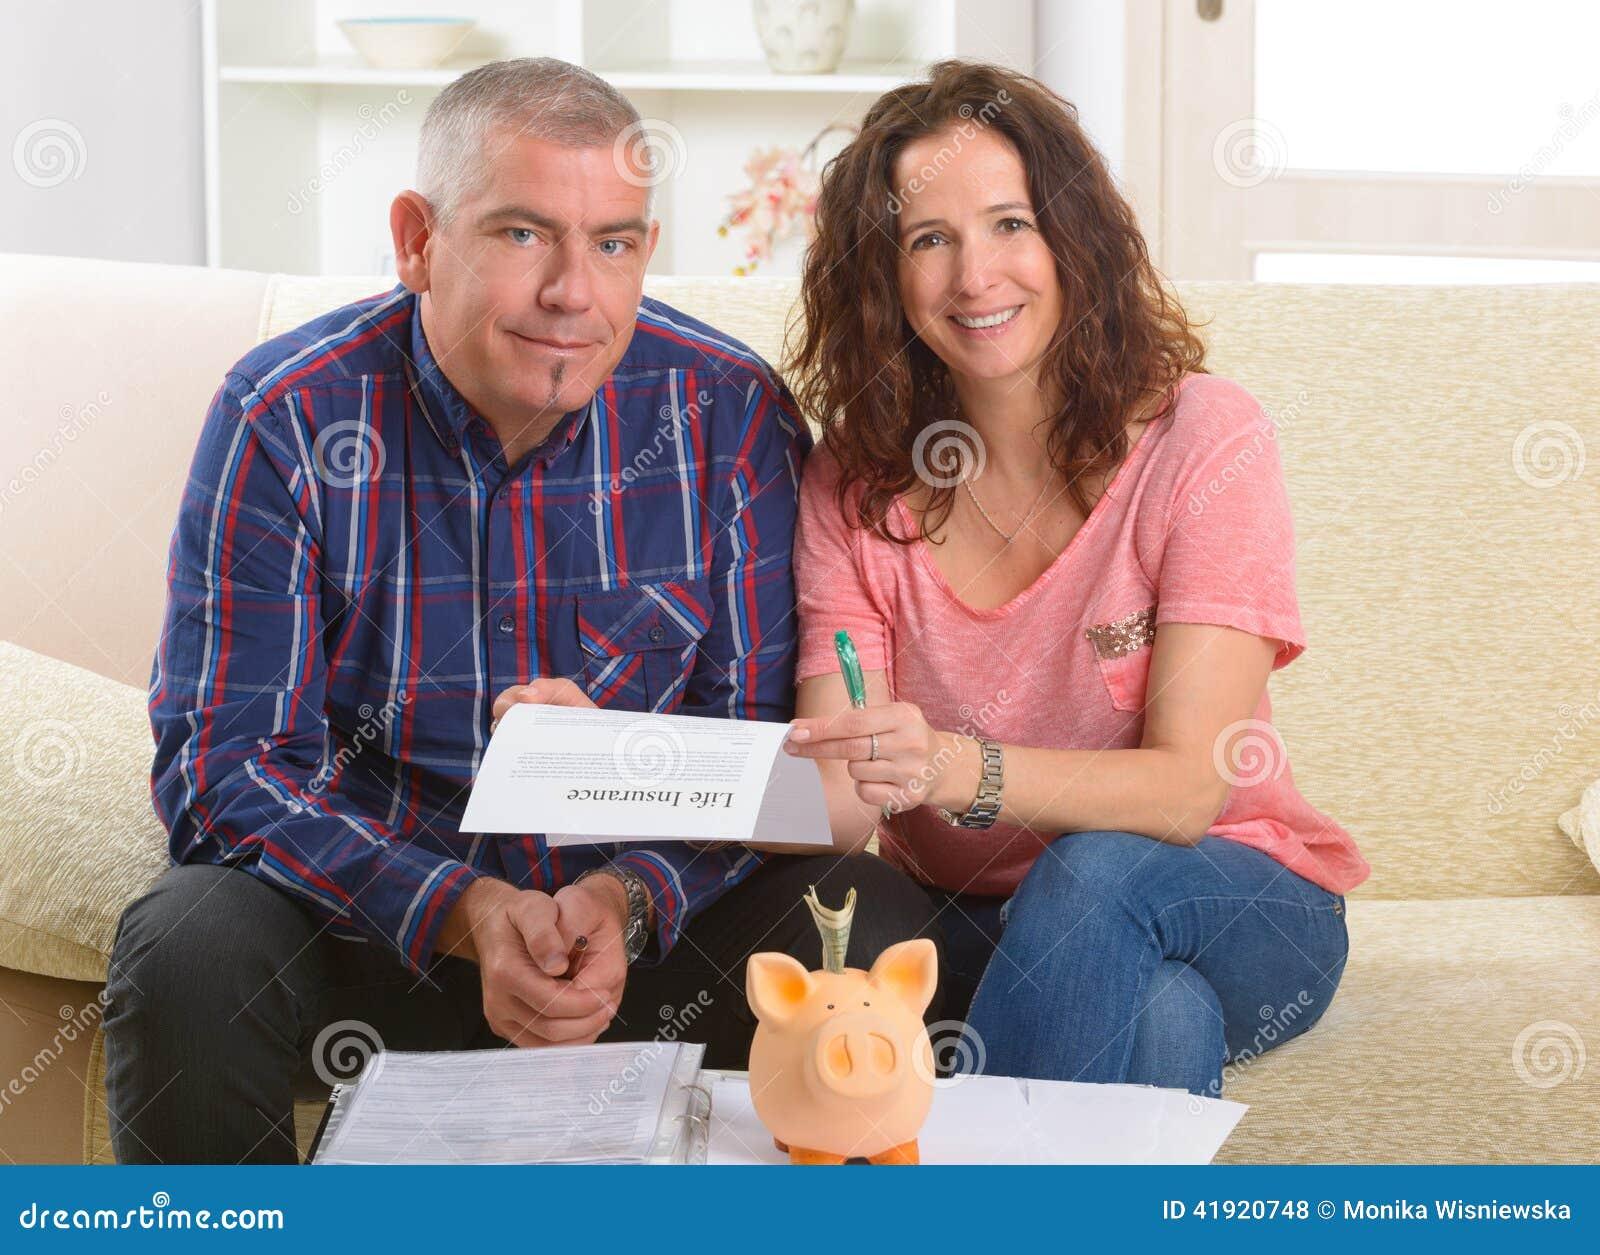 Pary podpisywania ubezpieczenie na życie kontrakt